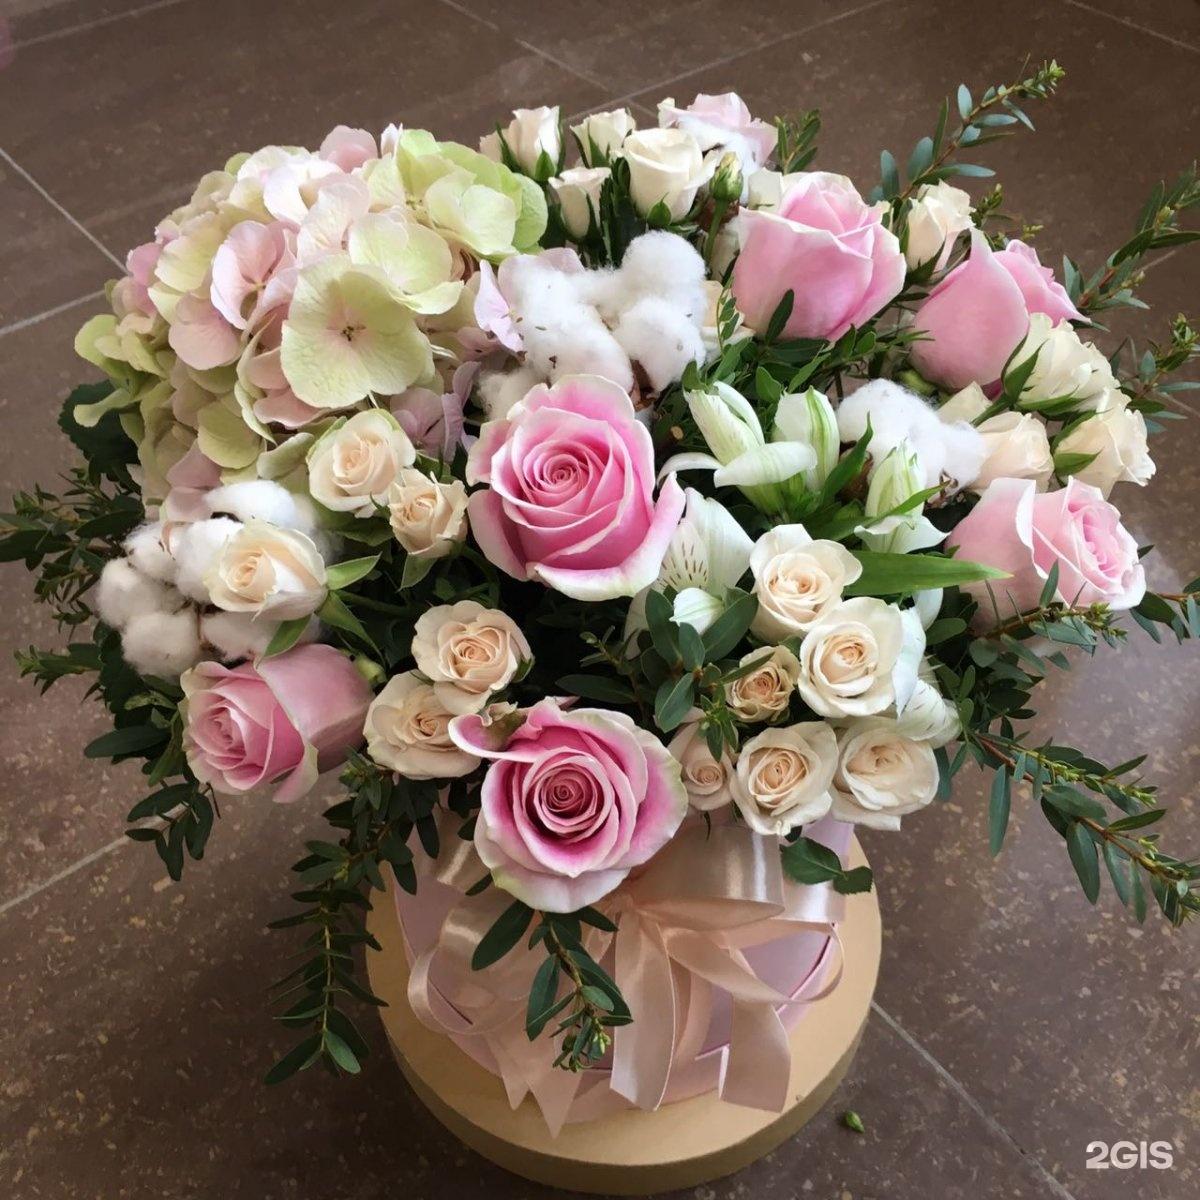 Доставка подарков и цветов в хабаровск 24 часа, букеты отправить